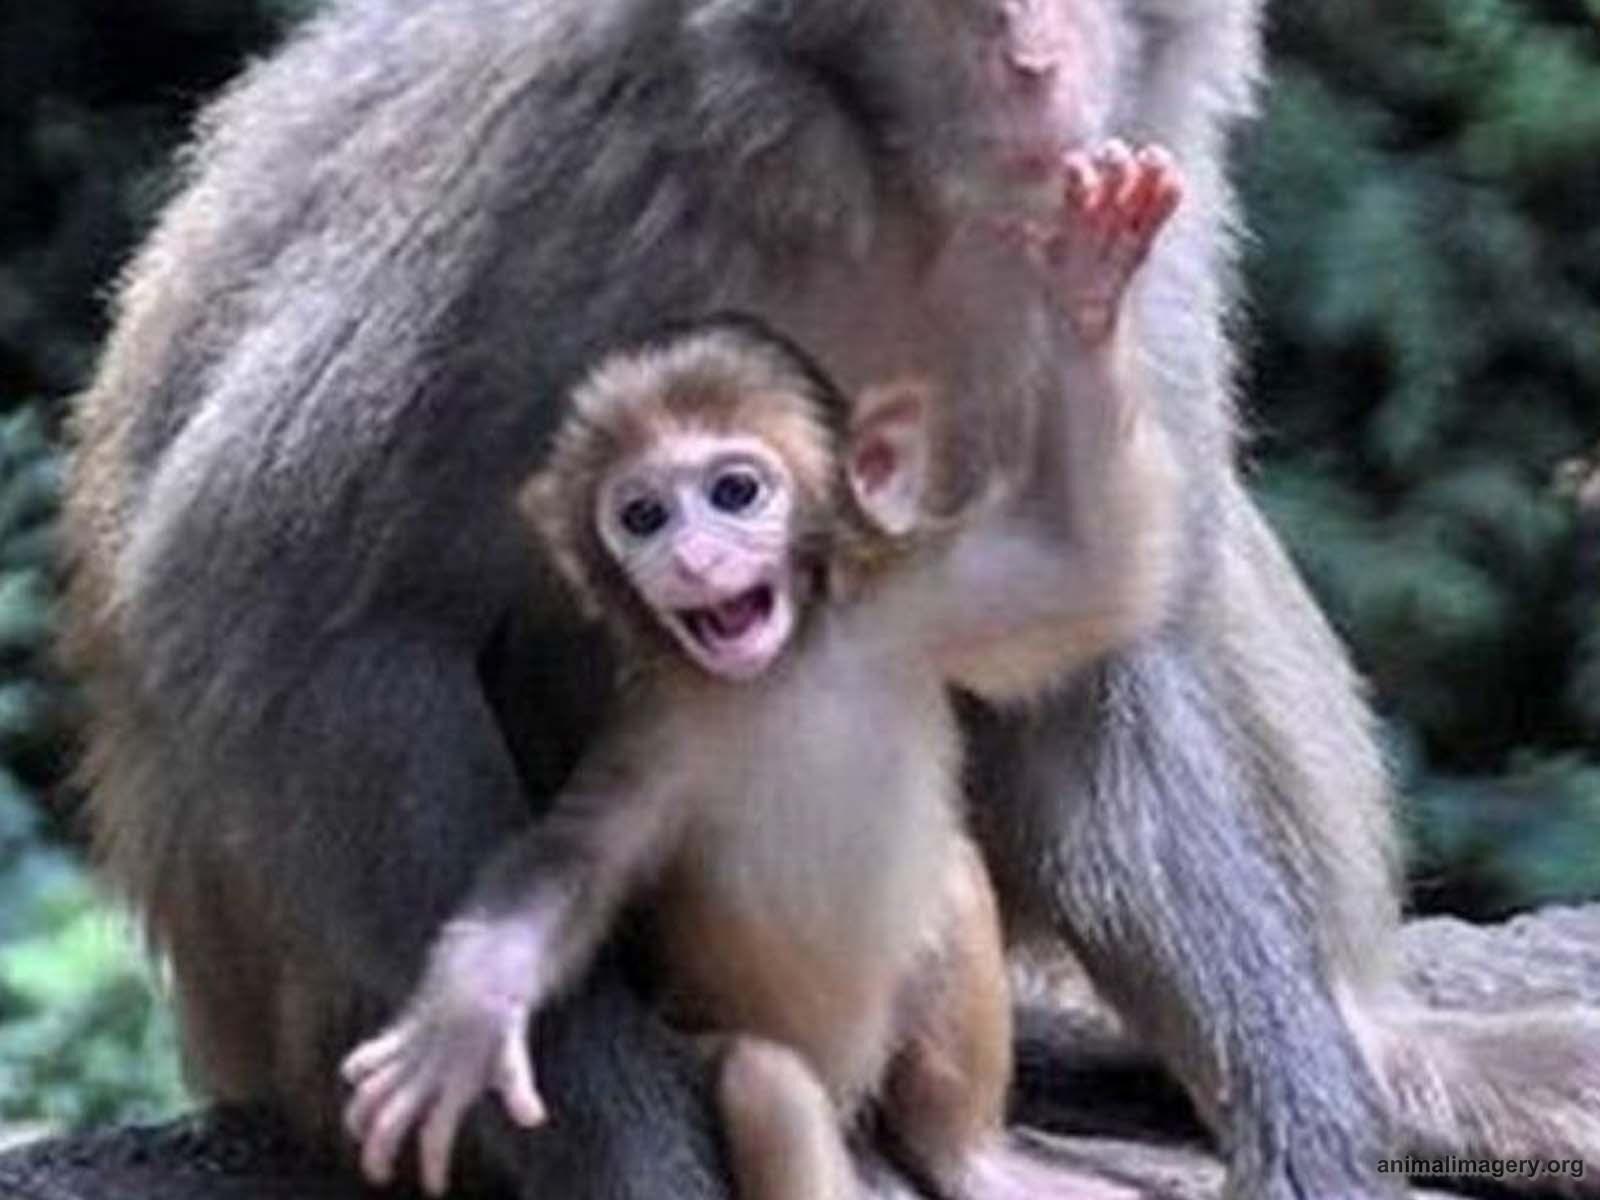 Cute Baby Monkeys Wallpaper